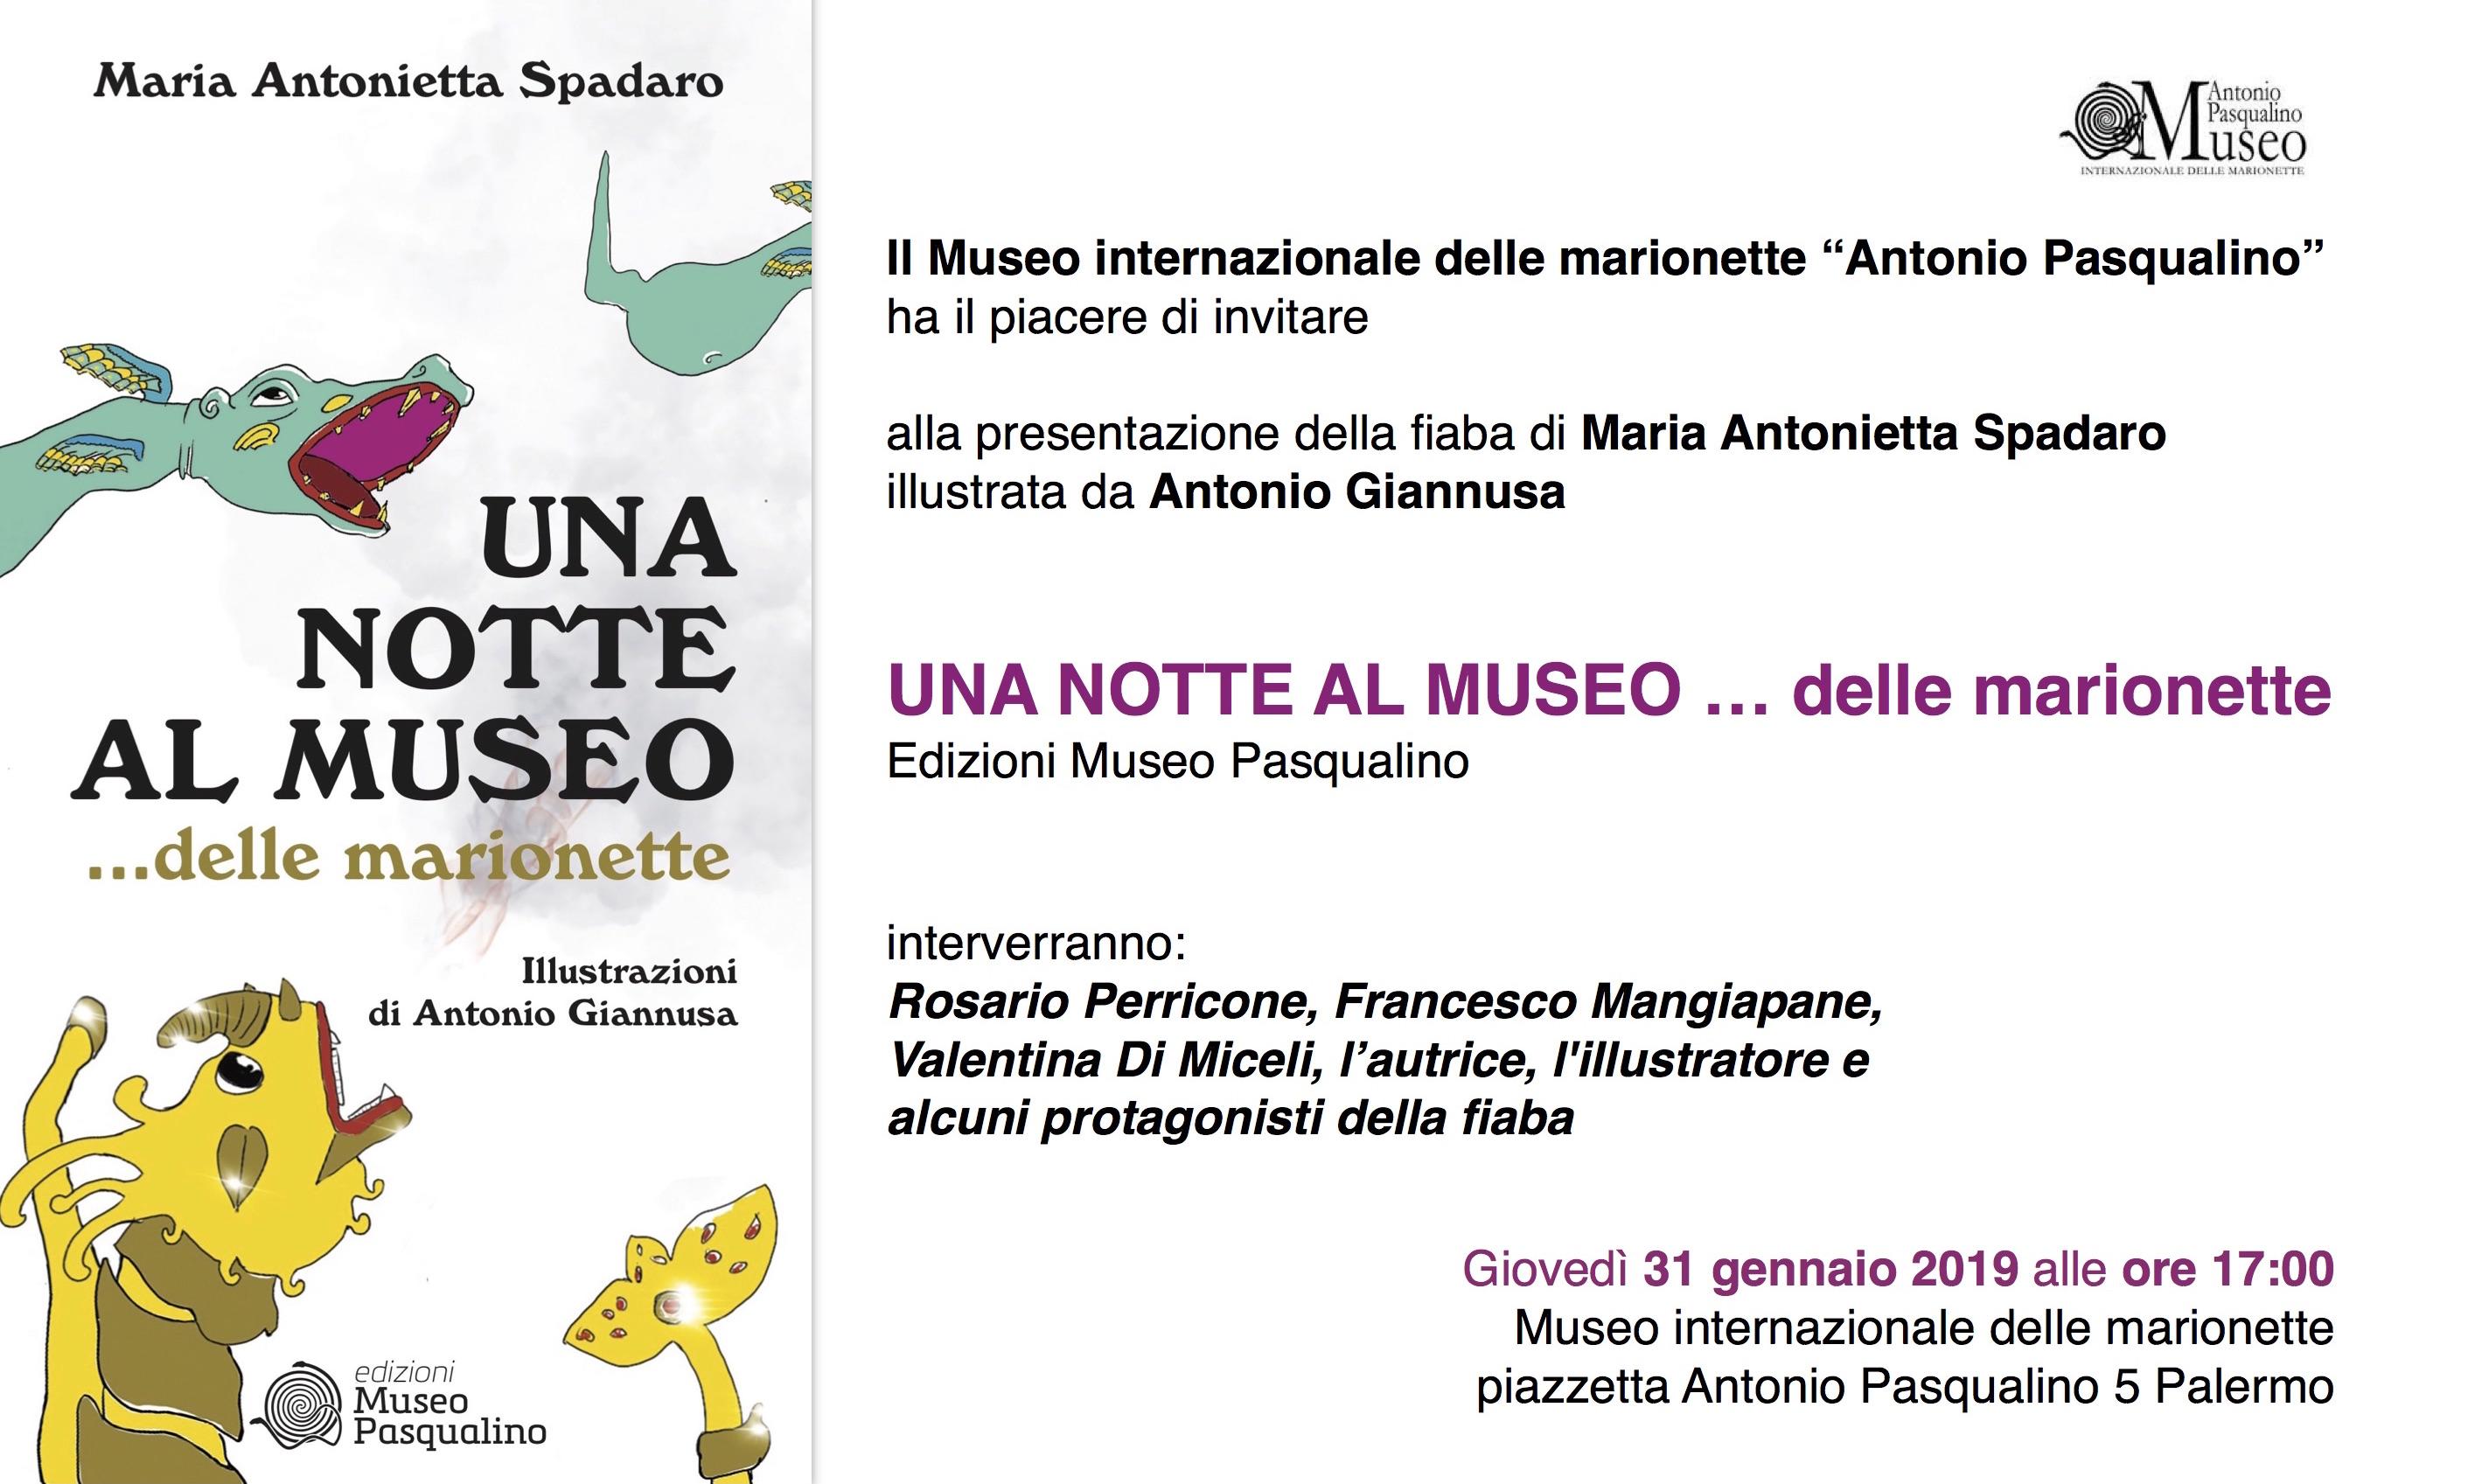 2019_Presentazione_libro_Una_notte_al_Museo.jpg - 704.70 kB